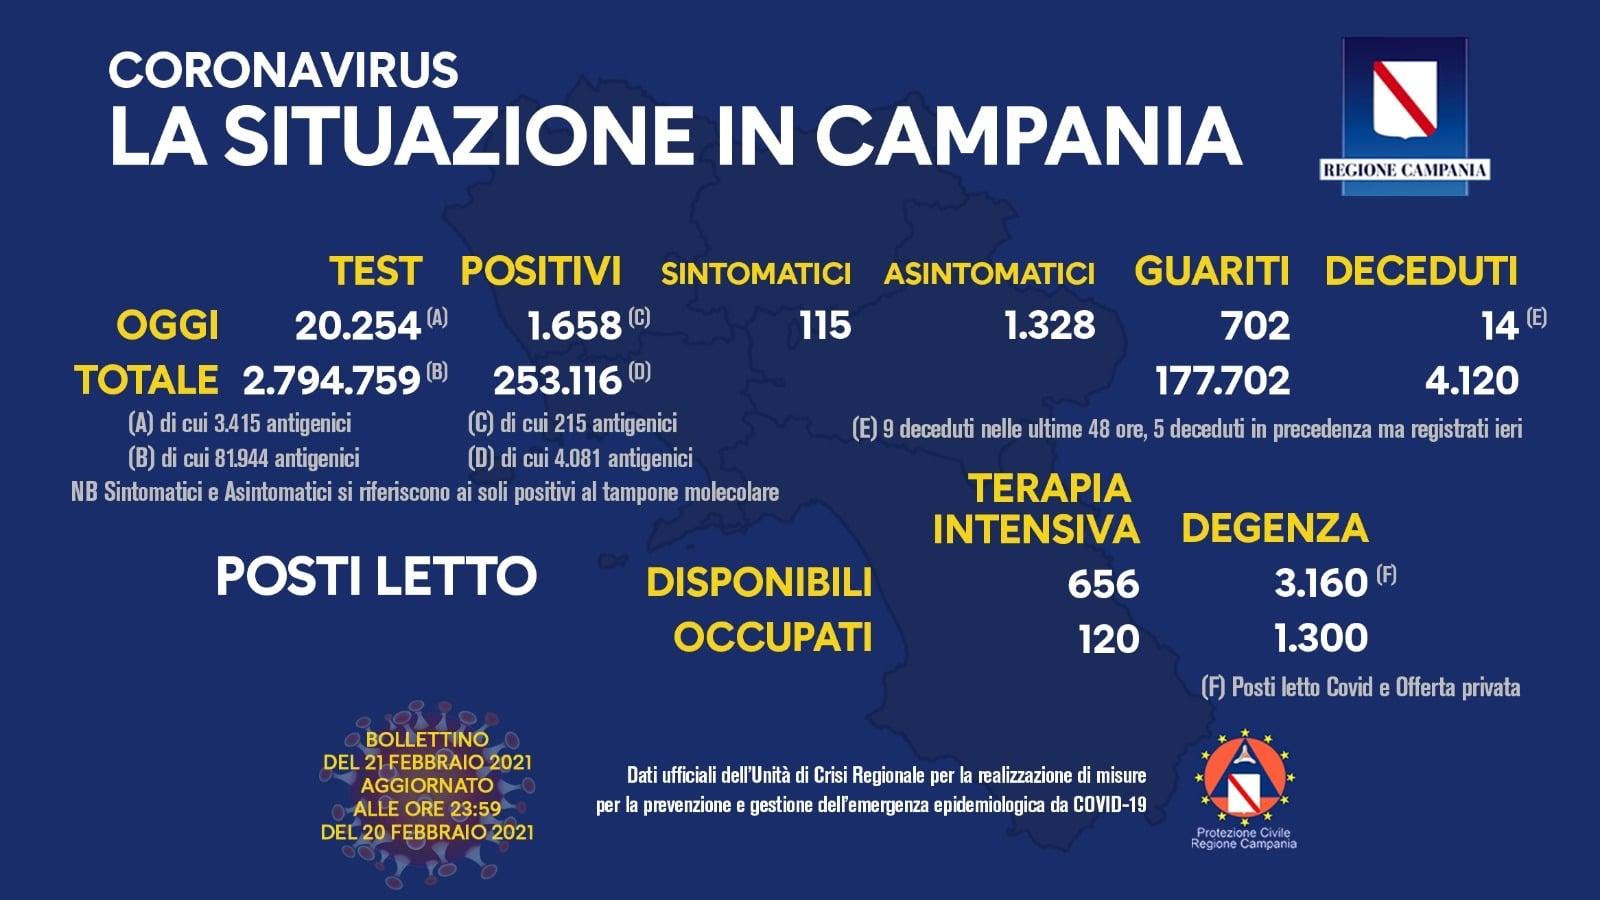 Coronavirus Campania, il bollettino 21 febbraio: aumenta il tasso di positivi